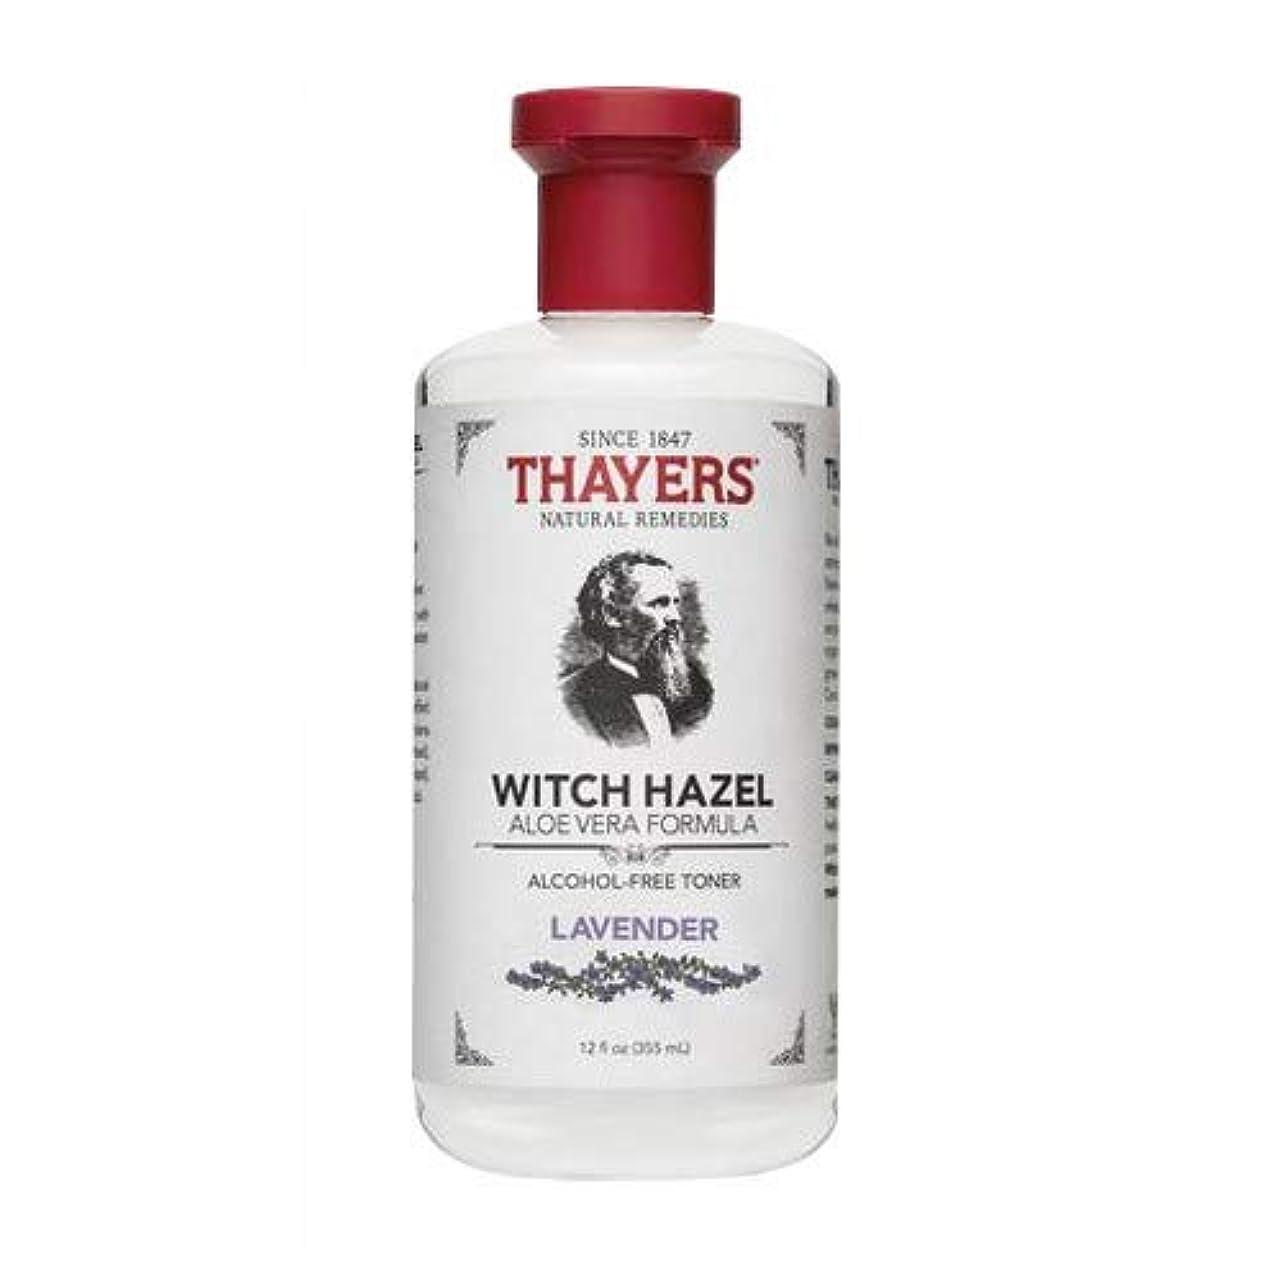 ソフトウェアふさわしい調整するThayer's: Witch Hazel with Aloe Vera, Lavender Toner 12 oz by Thayer's